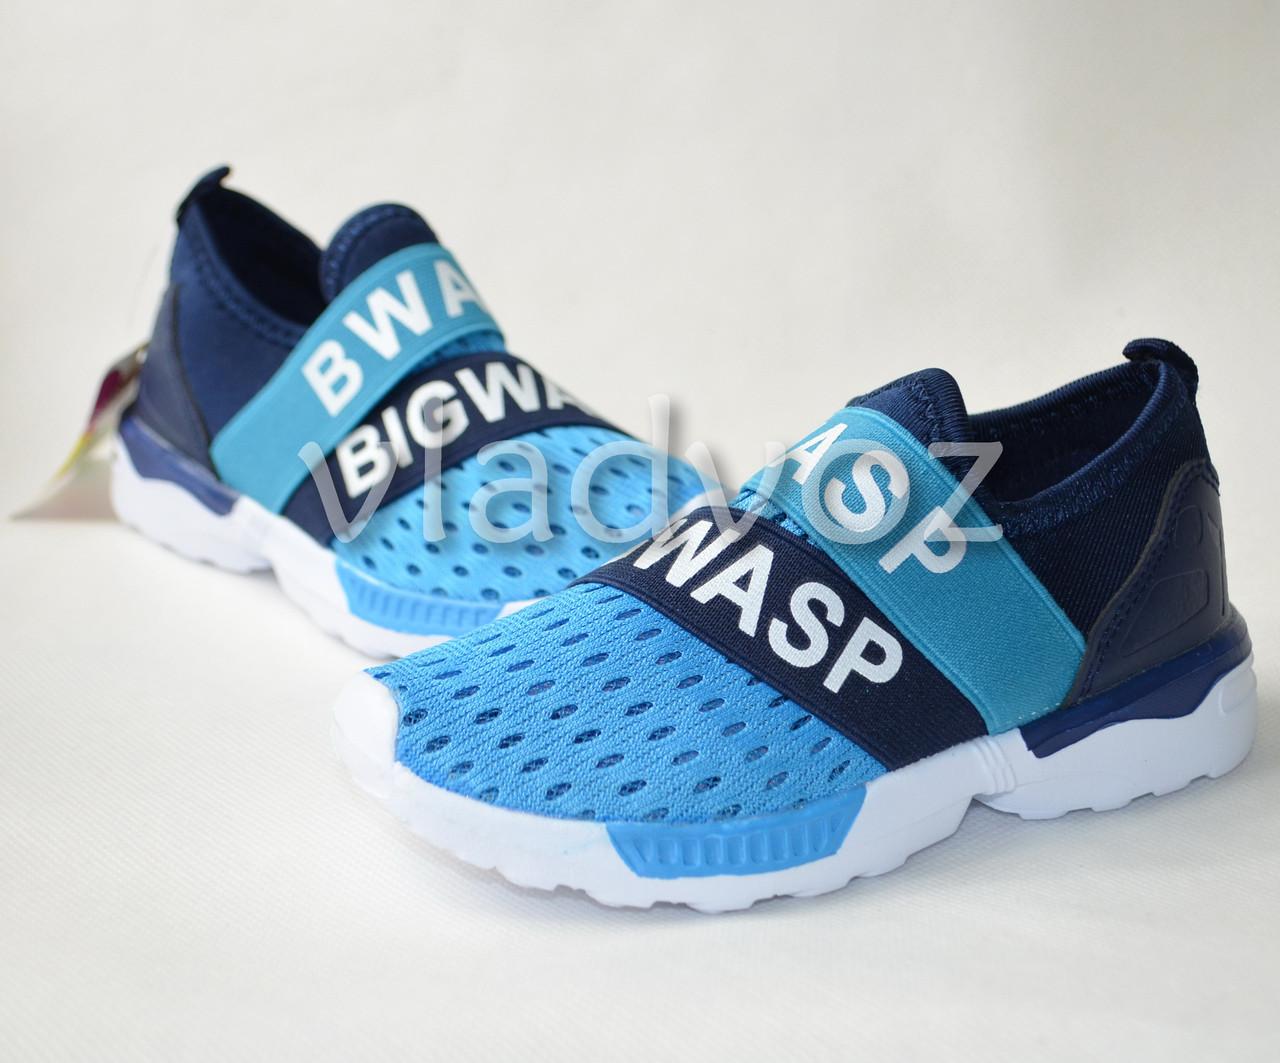 Кроссовки для мальчика синяя сетка модель 28р.